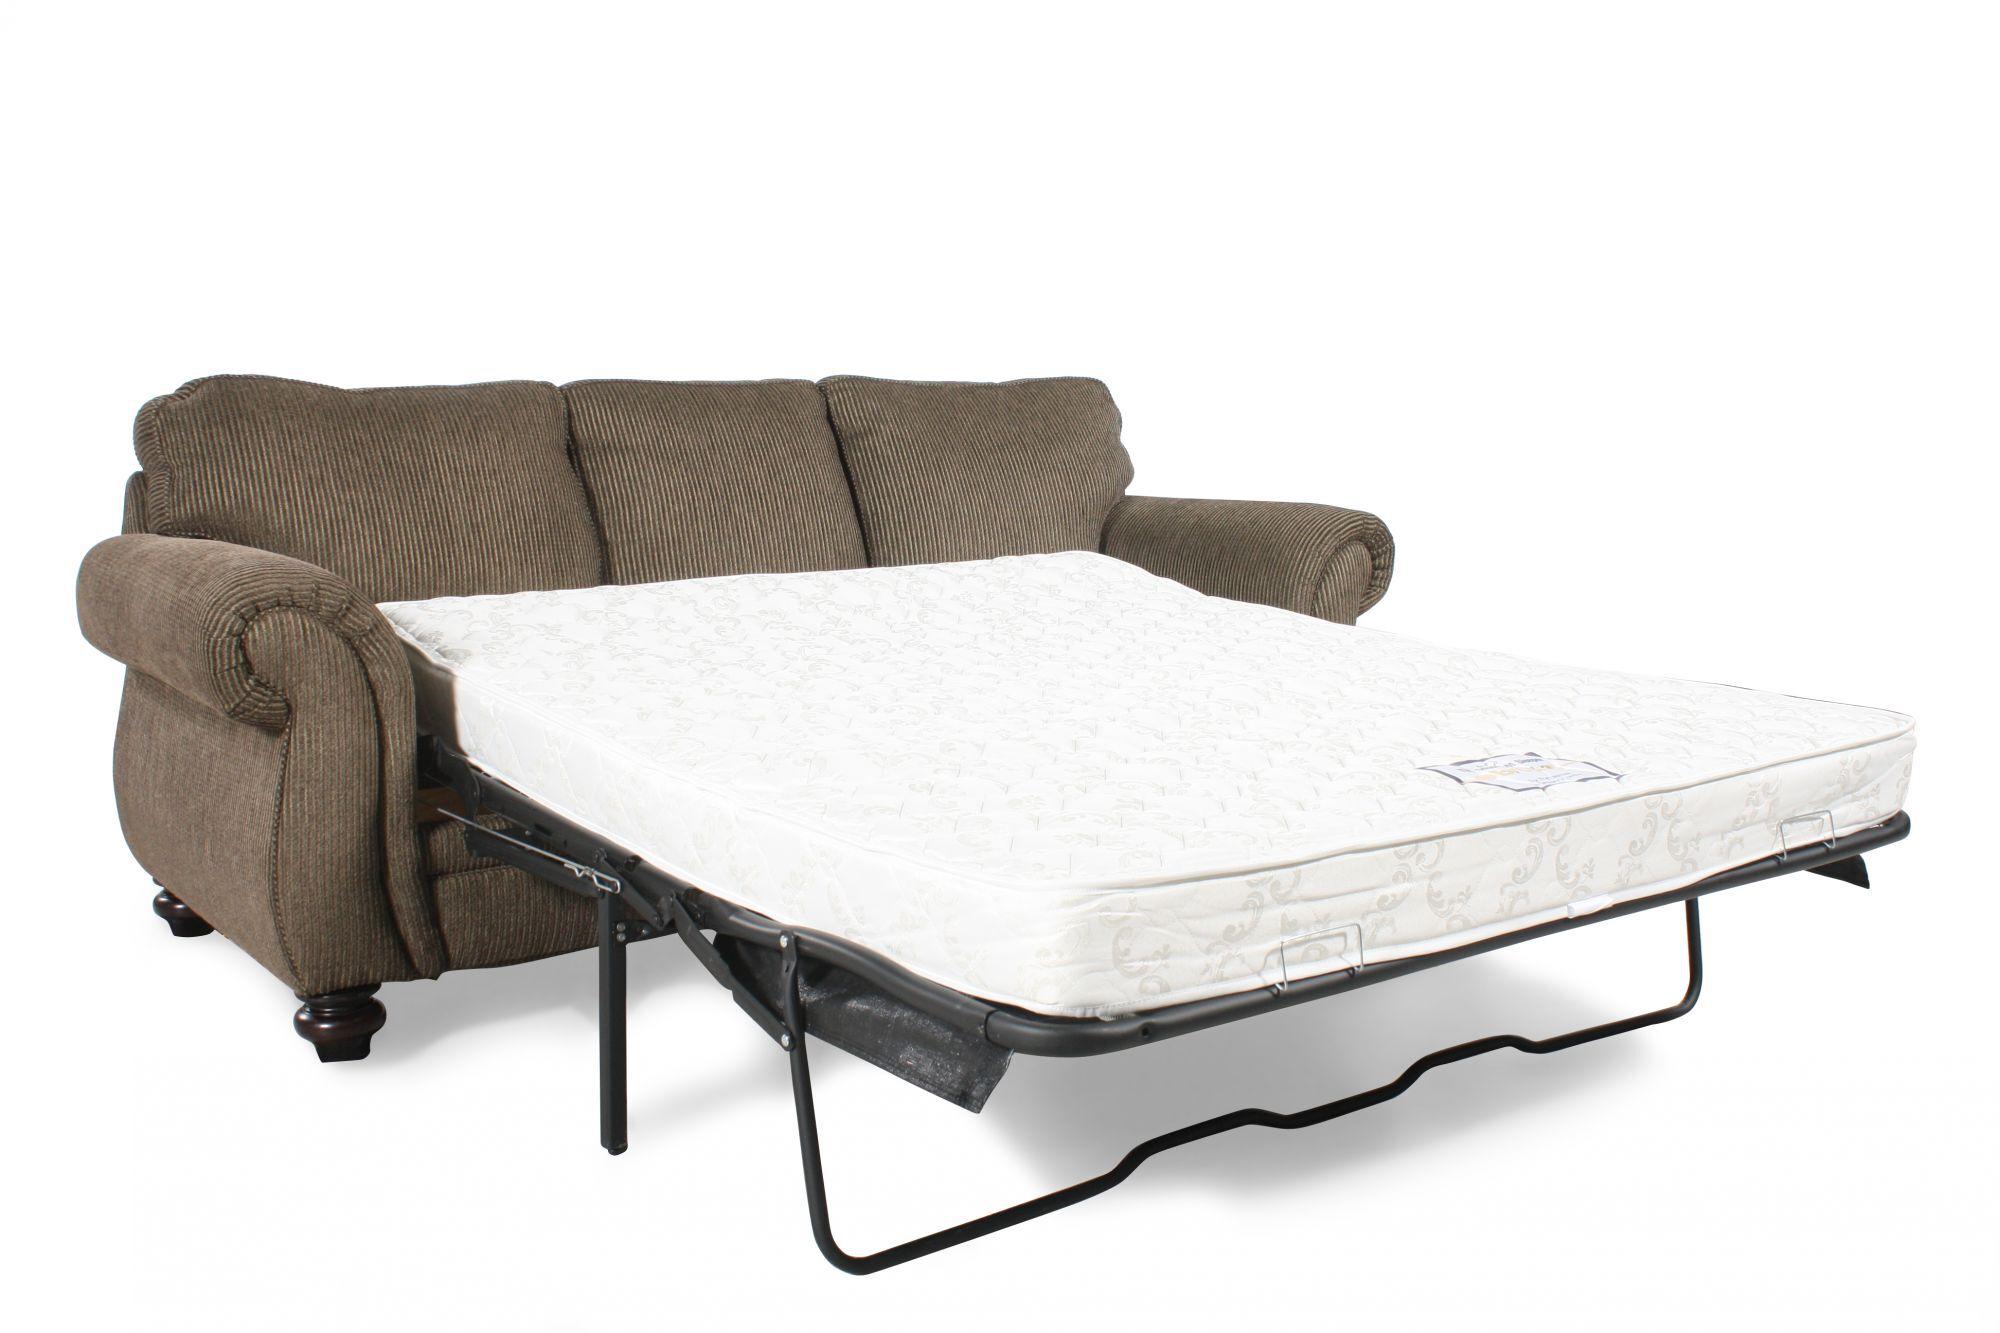 Corduroy 89 Queen Sleeper Sofa